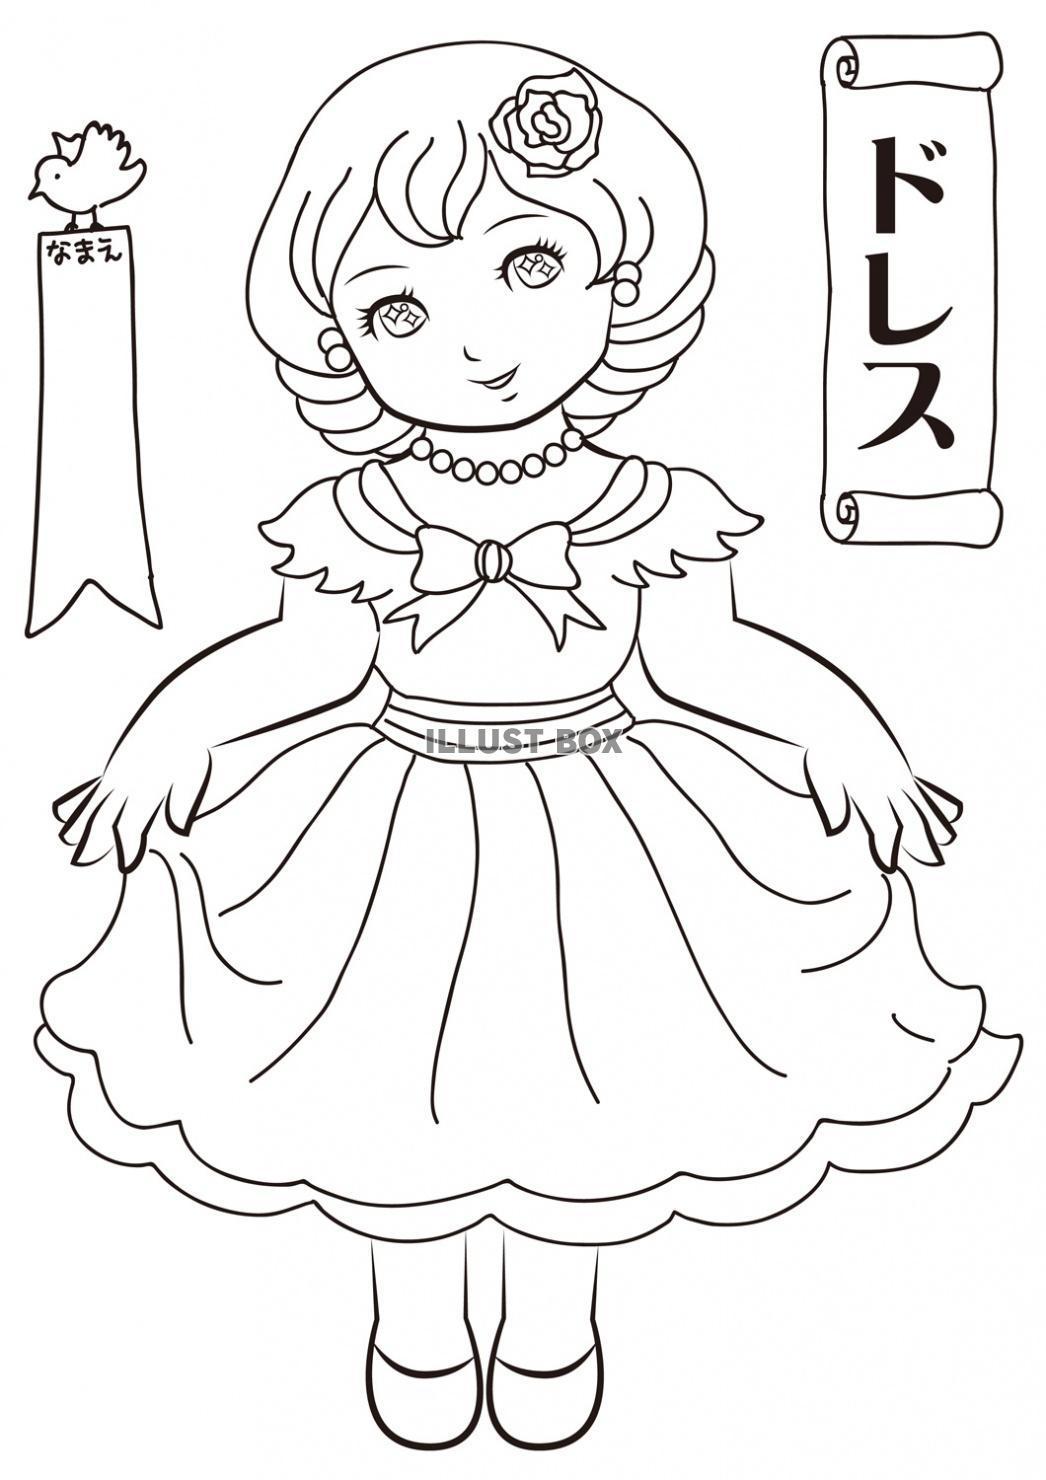 カレンダー 2014 カレンダー a4 : ぬりえの画像